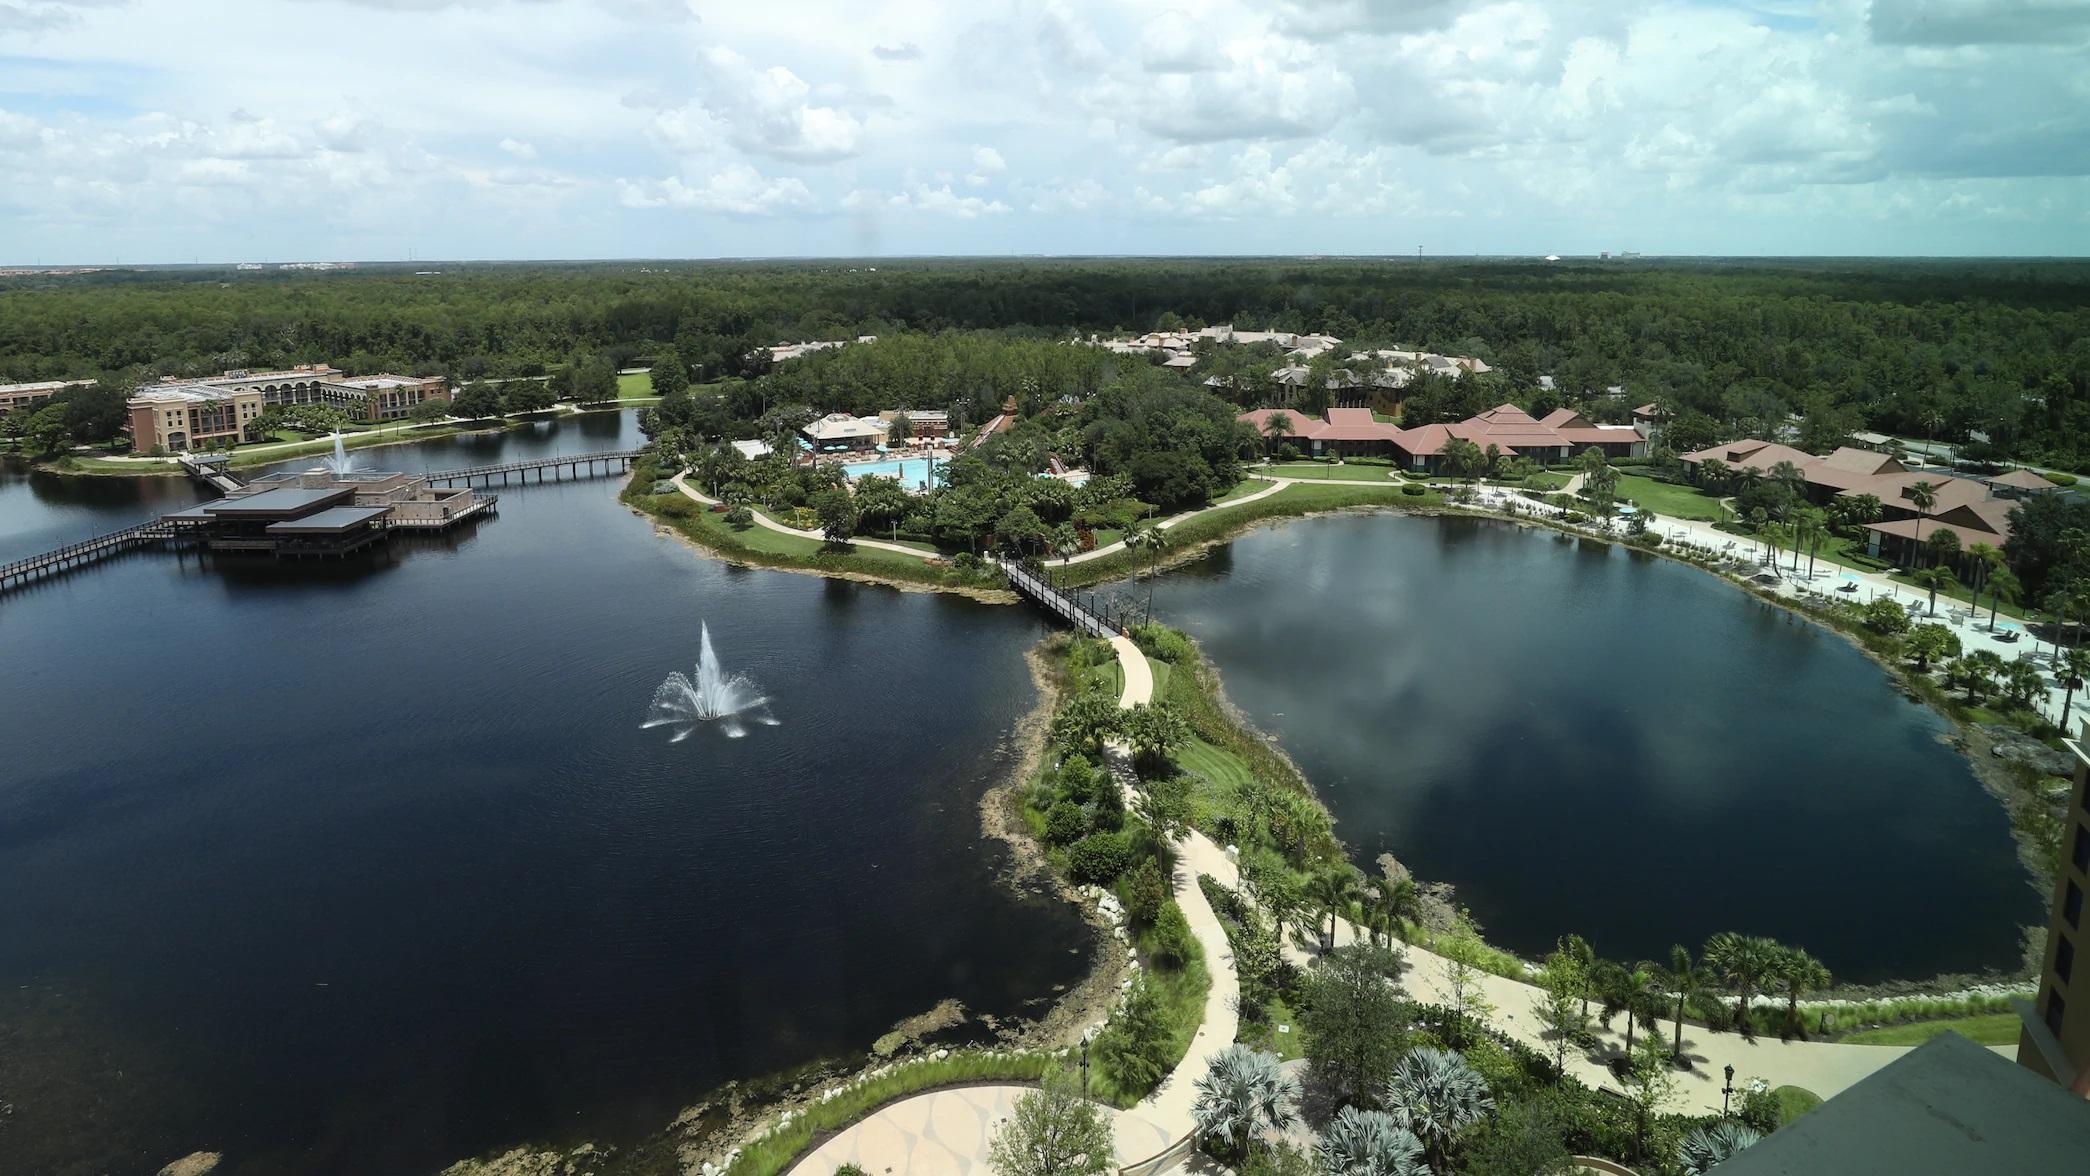 Complexo de resorts da Disney onde a NBA 2020 retomou seus jogos